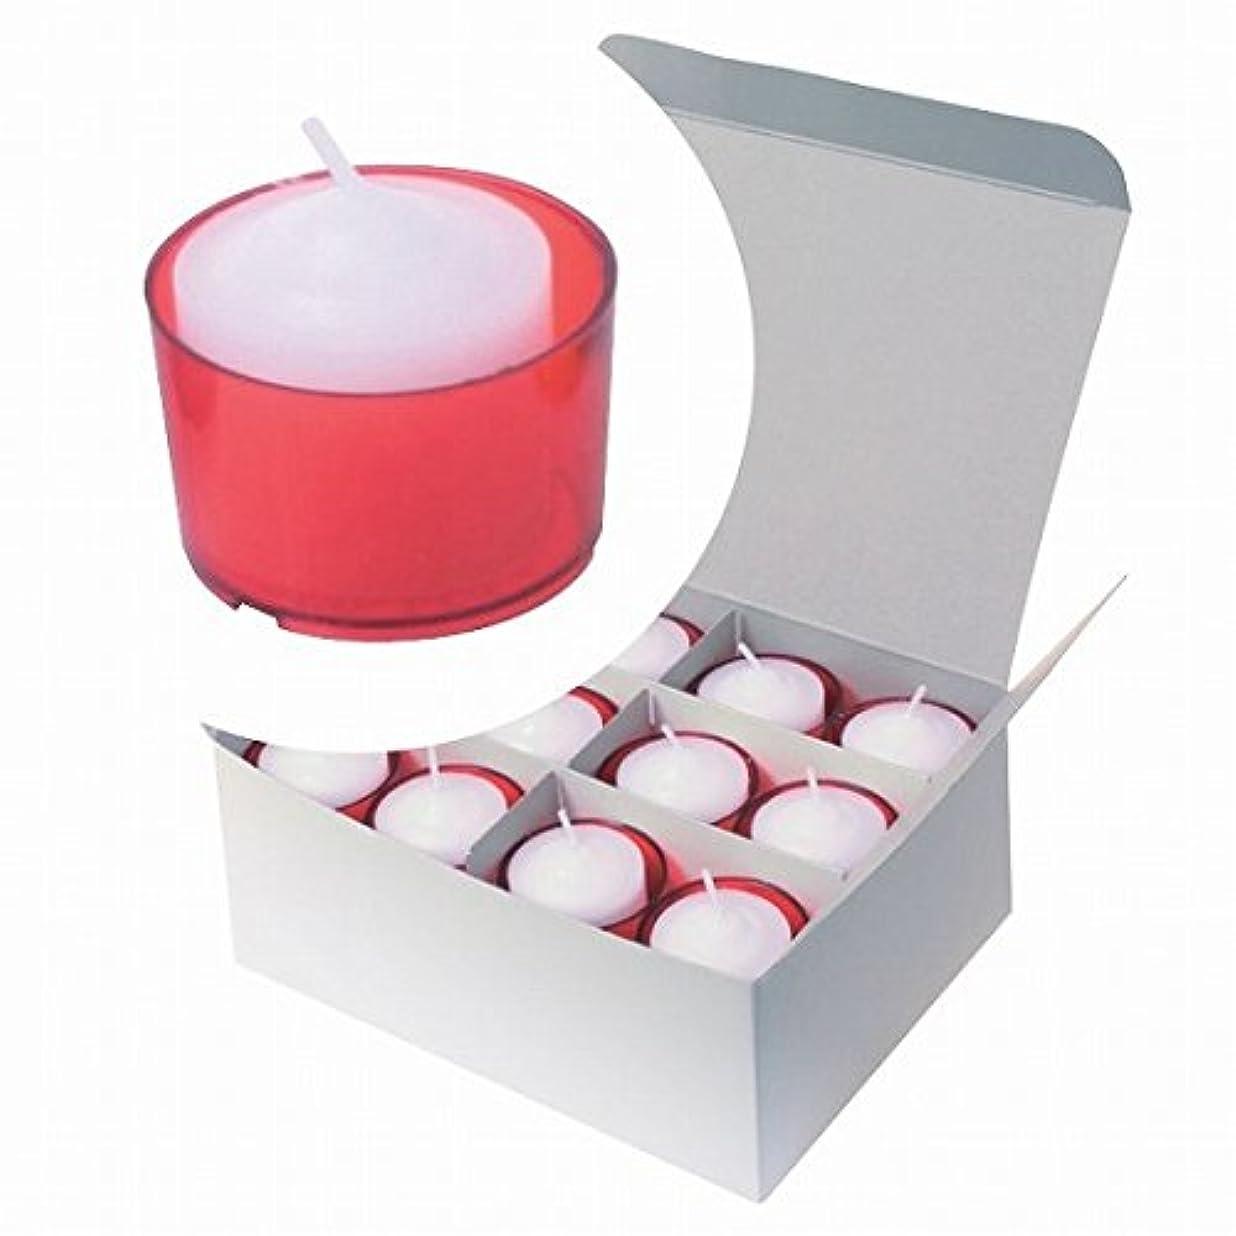 チョークアカデミーに付けるカメヤマキャンドル( kameyama candle ) カラークリアカップボーティブ6時間タイプ 24個入り 「 レッド 」